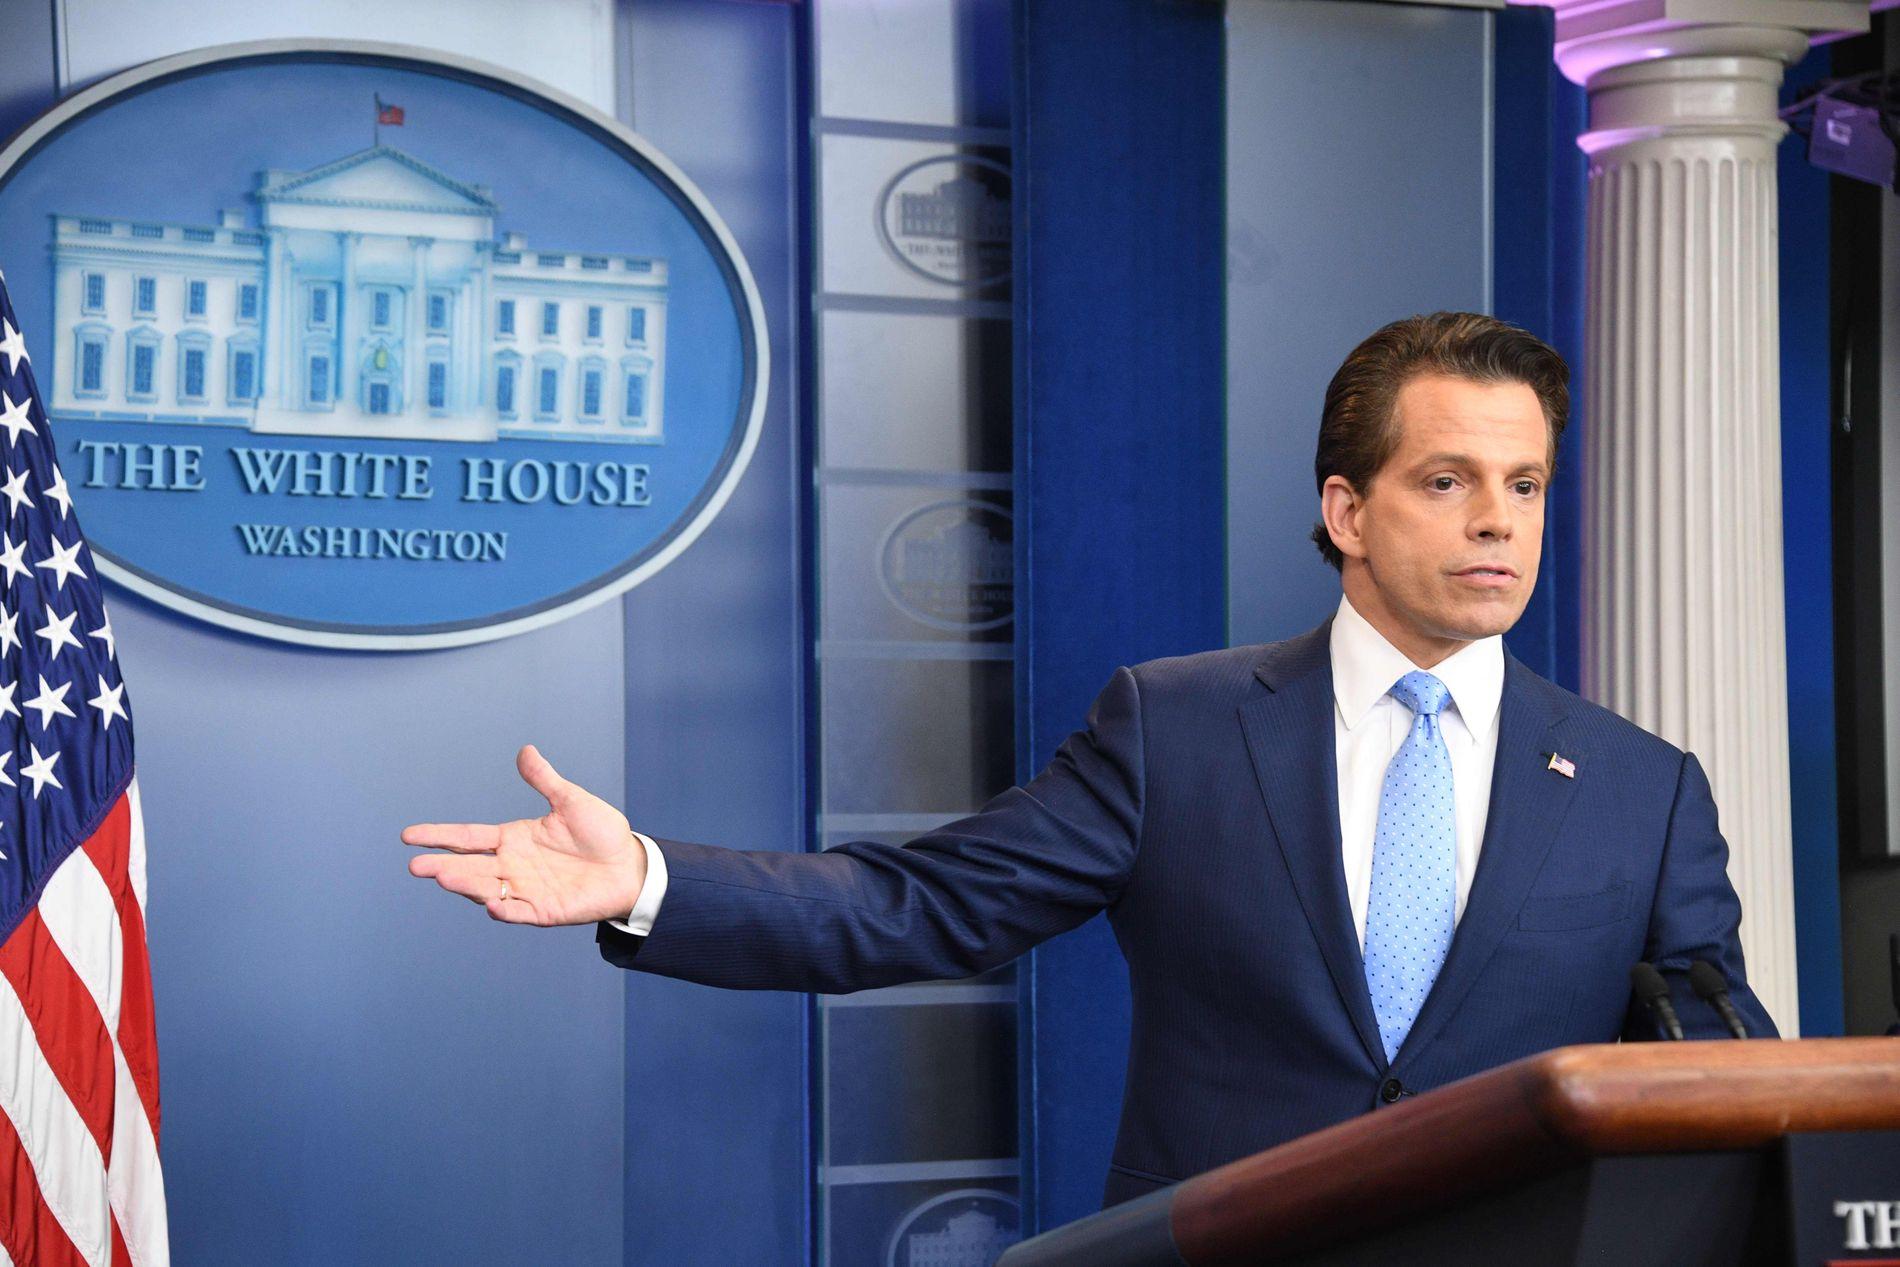 MANGE PLANER, LITE TID: Anthony Scaramucci var Trumps kommunikasjonssjef i bare 10 dager. Han hadde store planer om å forbedre Trumps relasjoner med pressen.